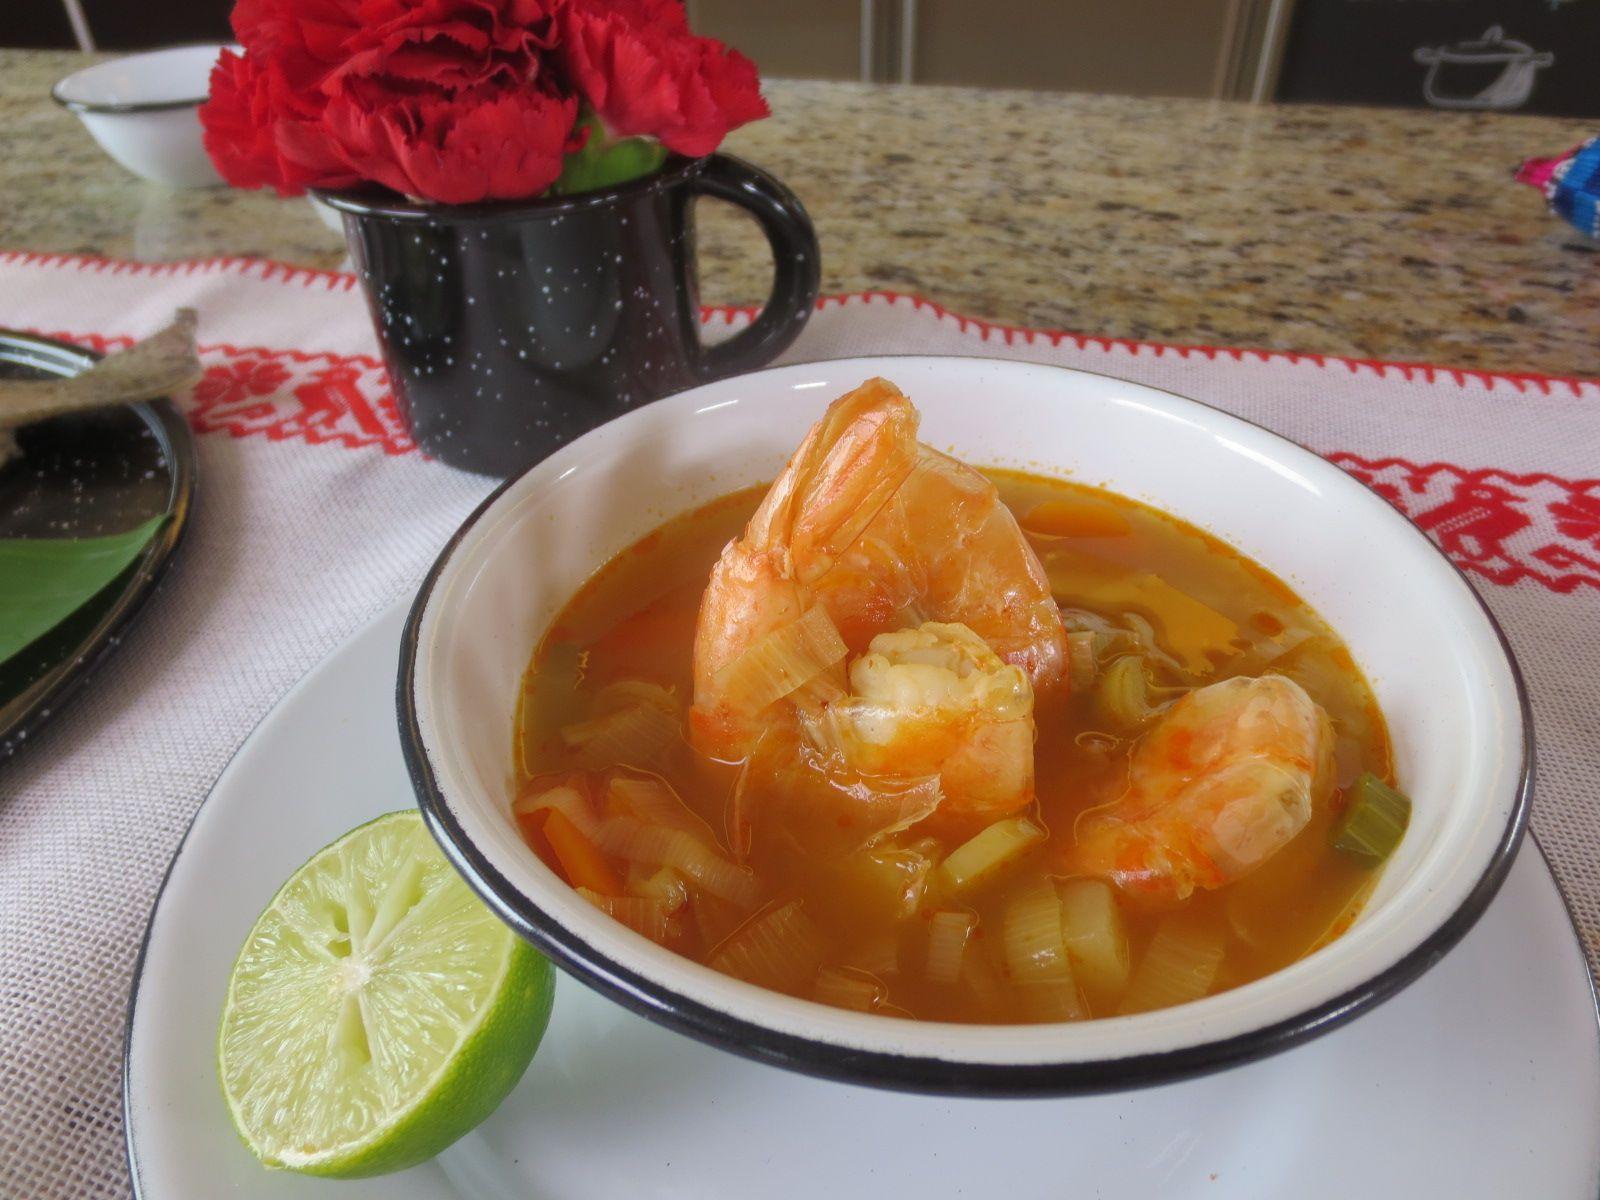 Caldo de Camarón Programa Tu Cocina - Cuarta Temporada Graciela Montaño